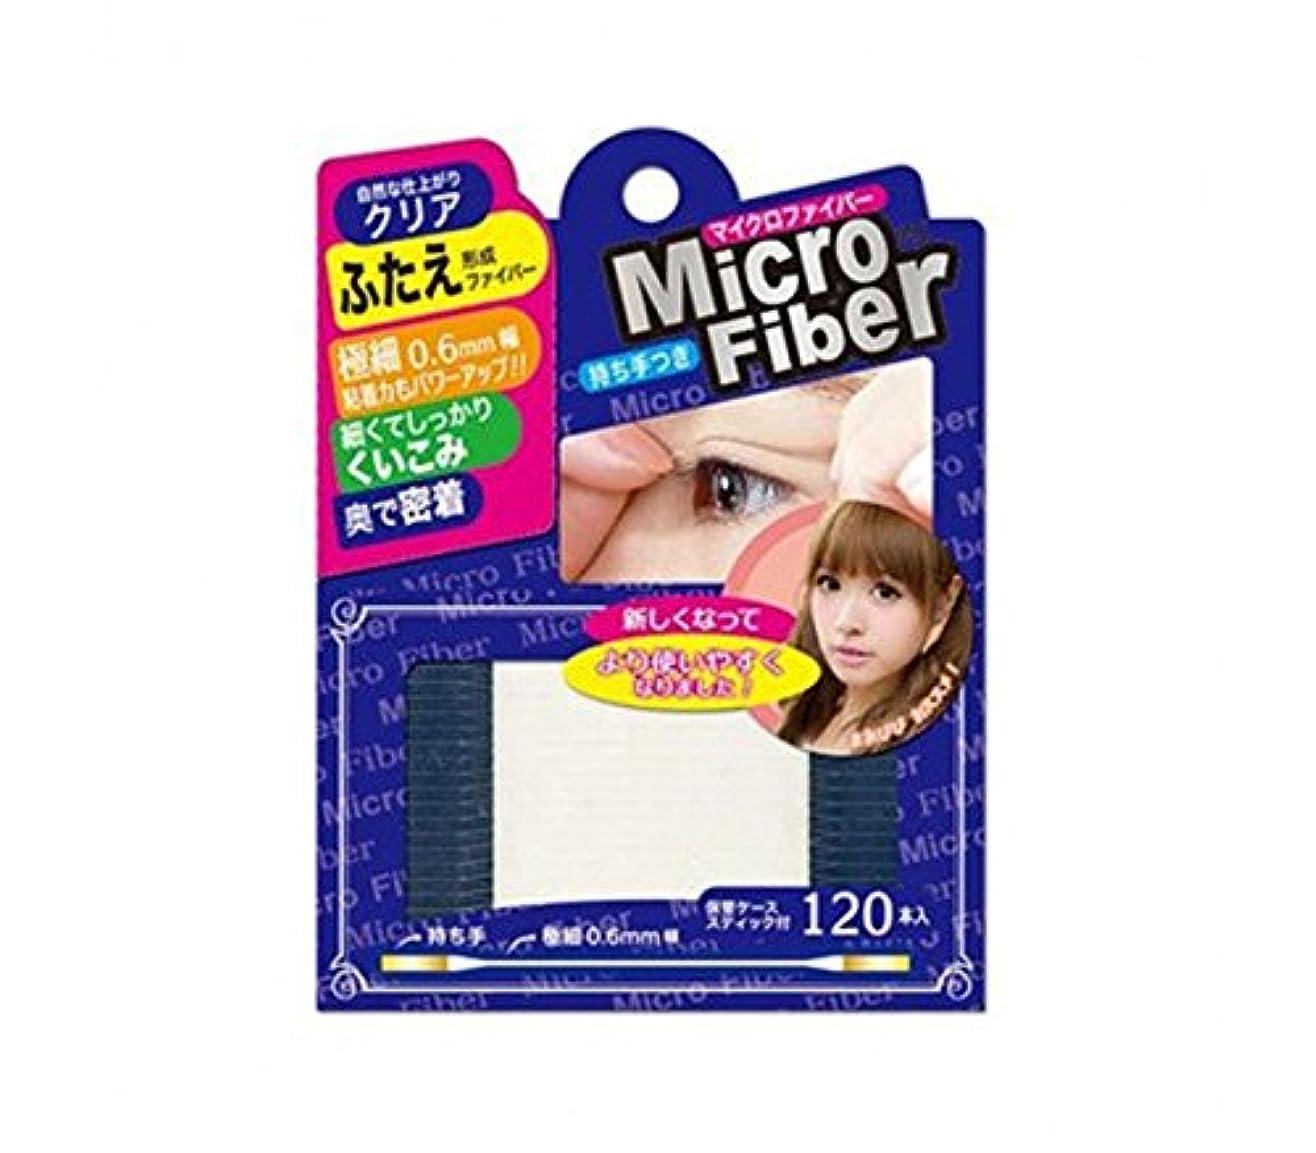 ビーエヌ マイクロファイバーEX クリア 120本 NMC-01 2個セット (2)